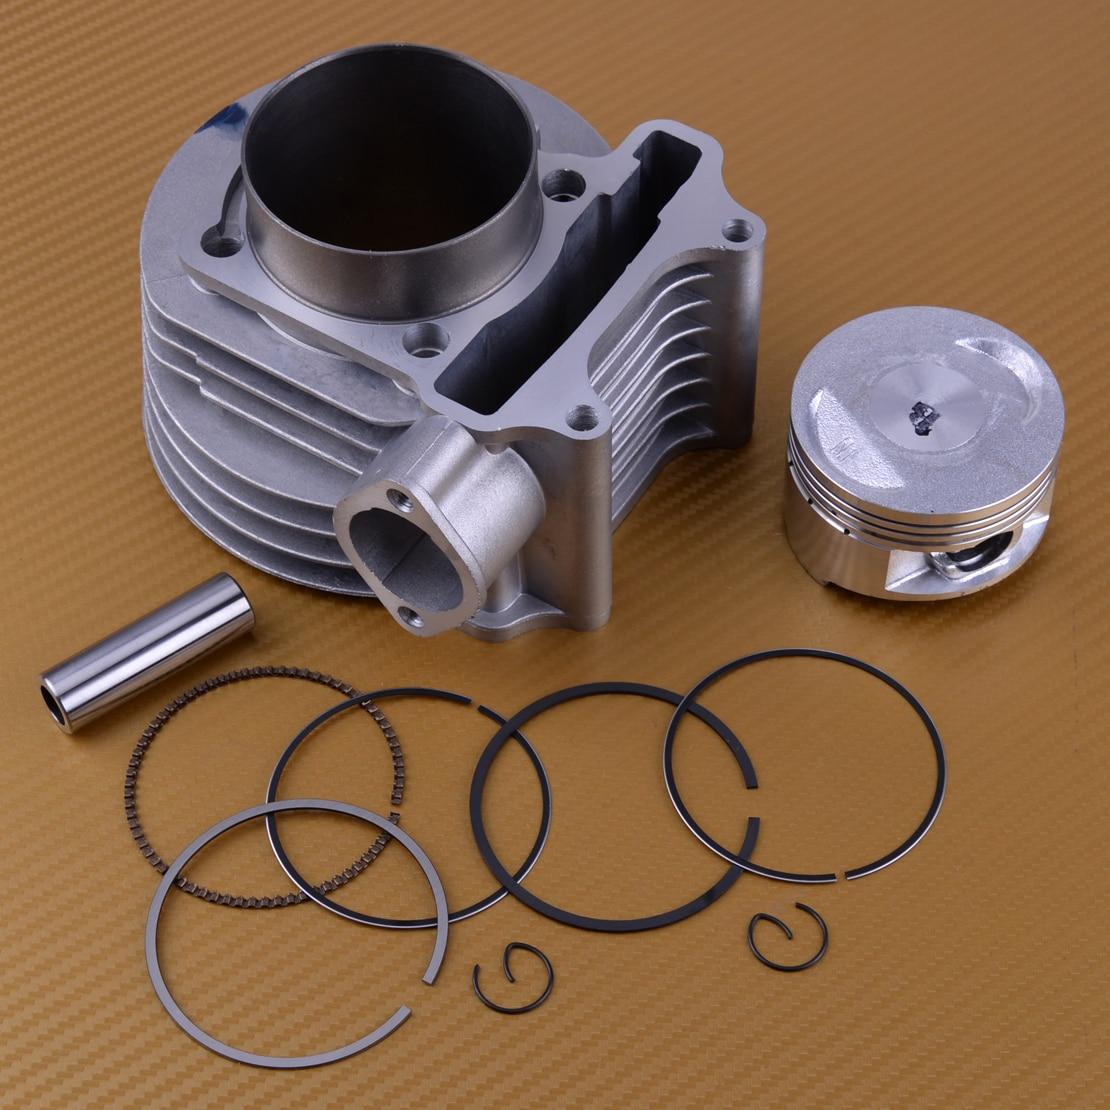 DWCX Moto 61mm Cylindre Piston e-ring Joint 12 pièces Kit adapté pour GY6 125CC 150CC Scooter ATV